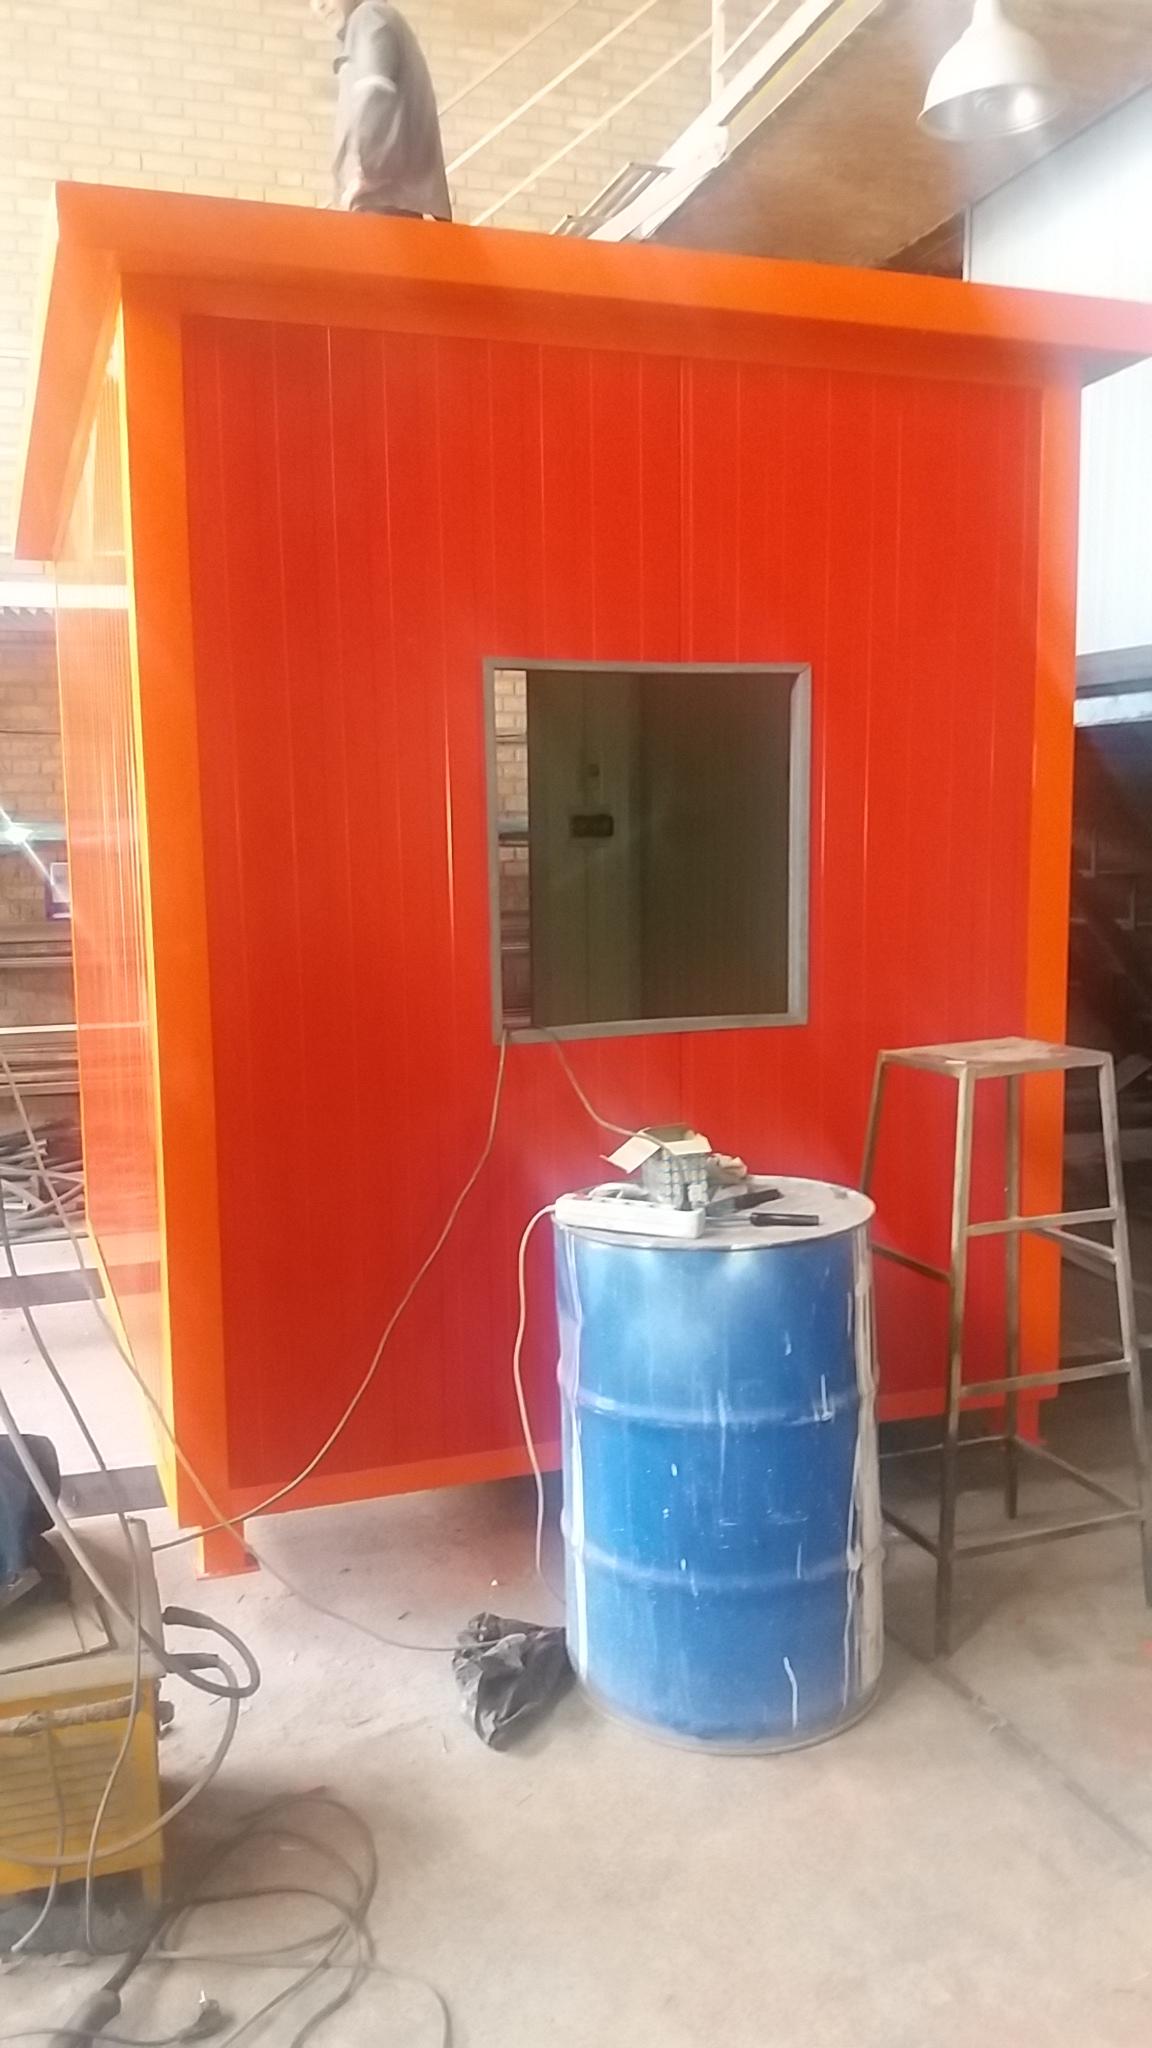 جوش کدولد09197117027سطل زباله خودپرداز ، سطل بازیافت خودپرداز ، سطل زباله عابر بانک ، سطل بازیافت عابر بانک ، سایبان عابر بانک ، سایبان خودپرداز  atmبسترسازی خودپرداز ، چاه ارت ، سیستم ارتینگ ، تائیدیه ارت  www.vmv1.irکانکس خود پرداز  www.erting.irسایبان با طلق ، سطل با طلق ، سایبان فلزی خودپرداز ، سایبان با طلق خودپرداز، پایه قابل تنظیم دستگاه خودپرداز، پایه قابل تنظیم دستگاه عابر بانک ، پایه ضد رقت دستگاه عابر بانک   پایه ضد سرقت دستگاه خودپرداز، تائیدیه چاه ارت وزارت کار و امور اجتماعی حمل دستگاه خودپرداز حمل دستگاه عابر بانک 09120214294-فکس 89776298 - تلفن 77030454 55030454-www.vmvco.ir کارگاه :آهن مکان ، بسترسازی خودپرداز ،سازنده کانکس و کیوسک خودپرداز ،سطل زباله خودپرداز،بانک ملت، بانک کشاورزی ،سایبان بانک پارسیان،سایبان بانک سامان، سایبان بانک اقتصاد نوین، سایبان بانک کوثر،سایبان بانک دی،سایبان بانک کارآفرین،سایبان بانک شهر،سایبان بانک آینده ، سایبان بانک ارتباط فردا،سایبان پست بانک،کانکس بانک شهر ، کانکس بانک دی ، کانکس بانک صادرات ، کانکس بانک مسکن ، کانکس بانک ایران زمین ، کانکس شرکت پبکو www.erting.ir